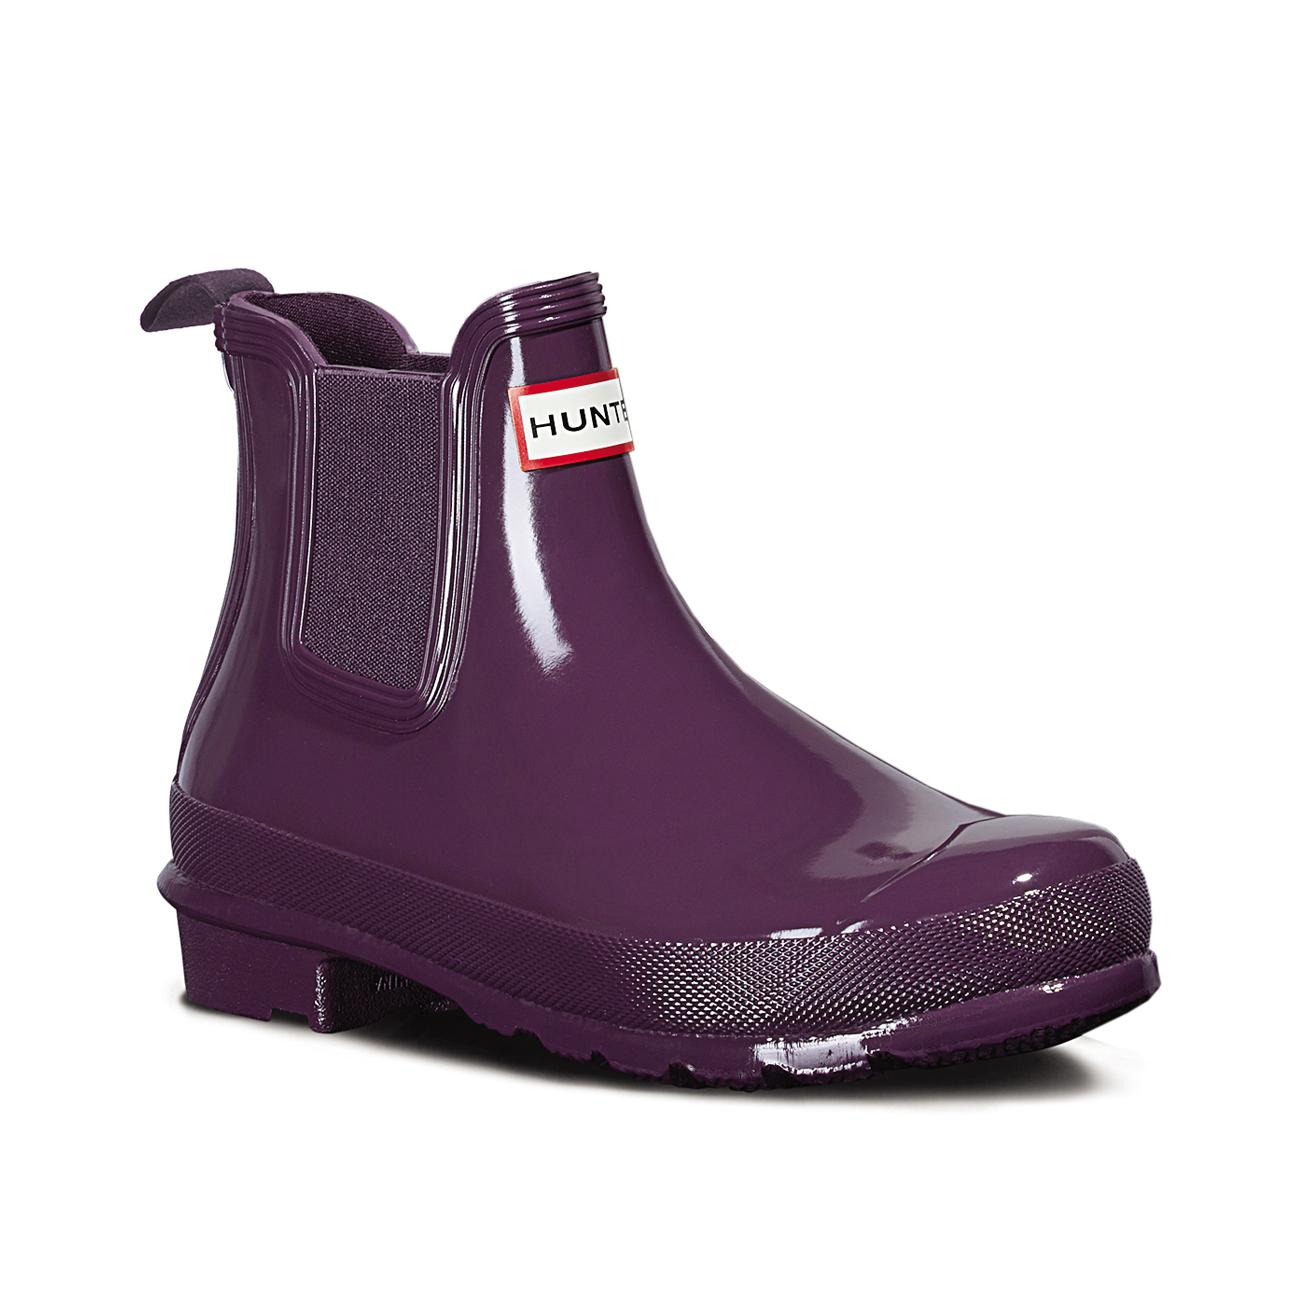 New Womenu0026#39;s Novel Dot Rain Boots  Target